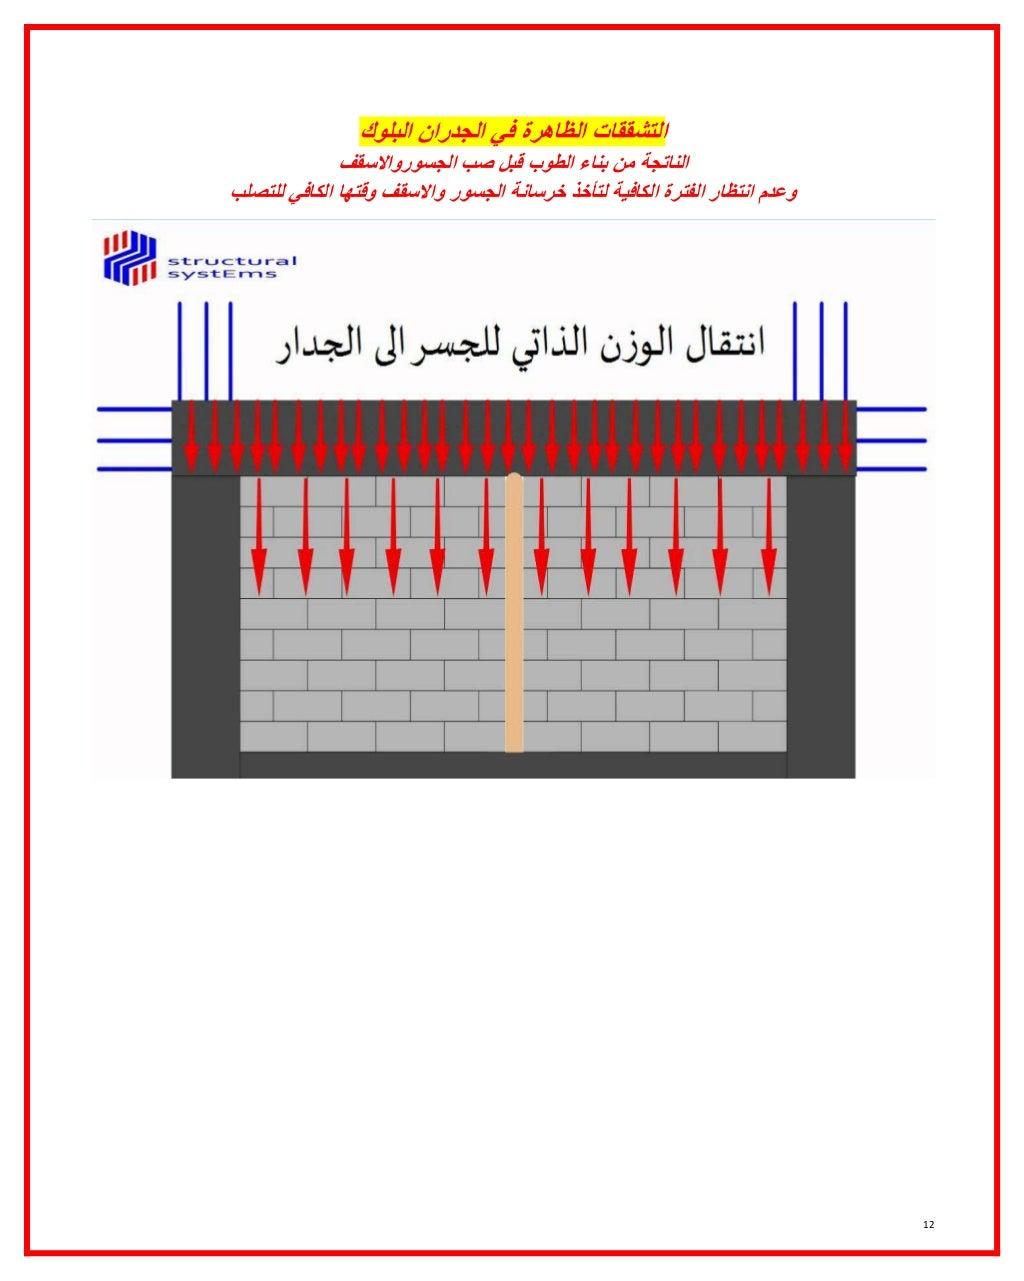 cracks-in-buildings-12-1024.jpg